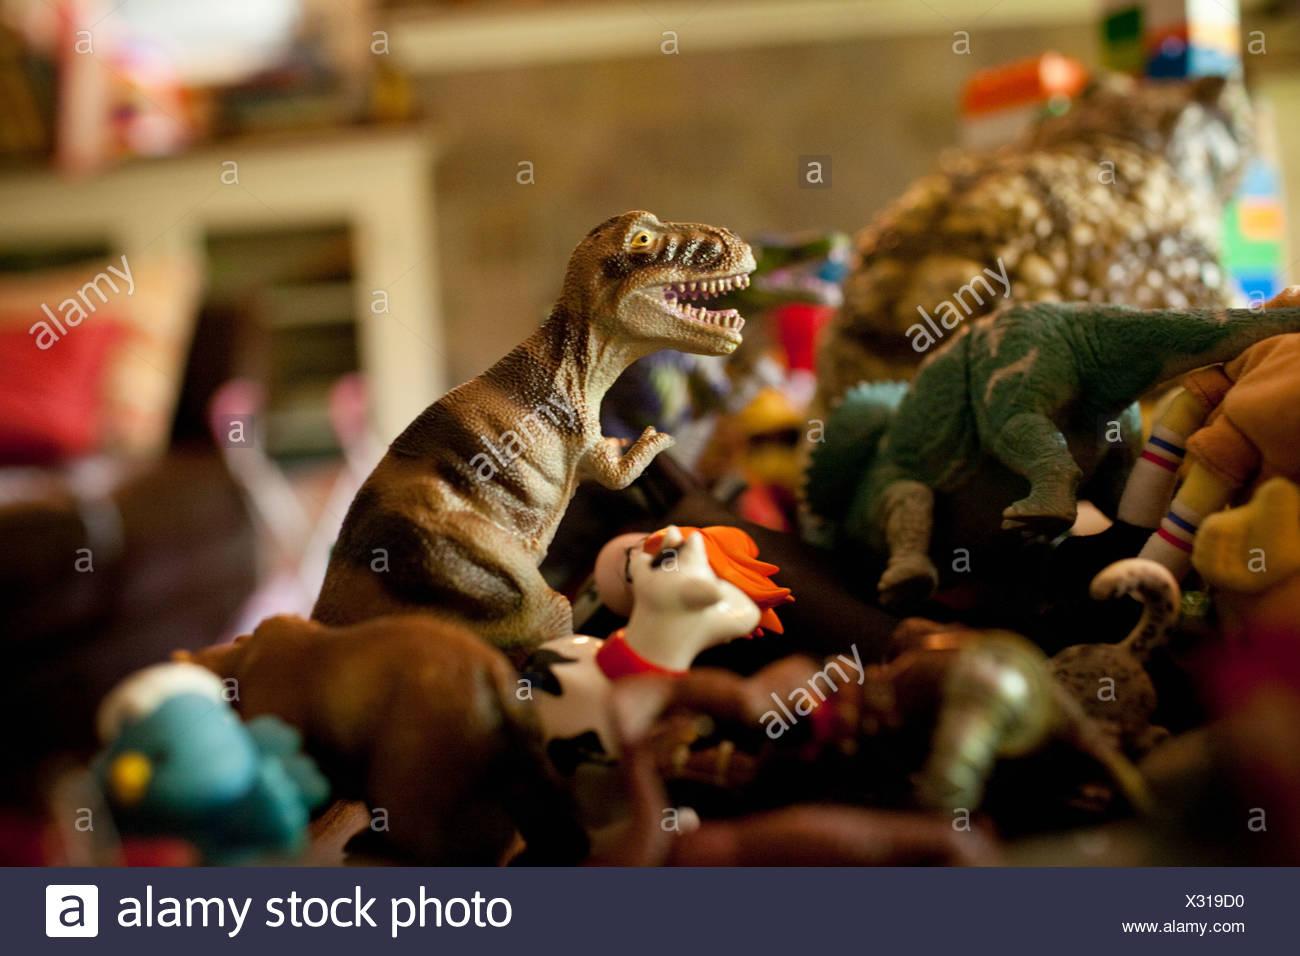 Les jouets de la petite enfance, Close up Photo Stock